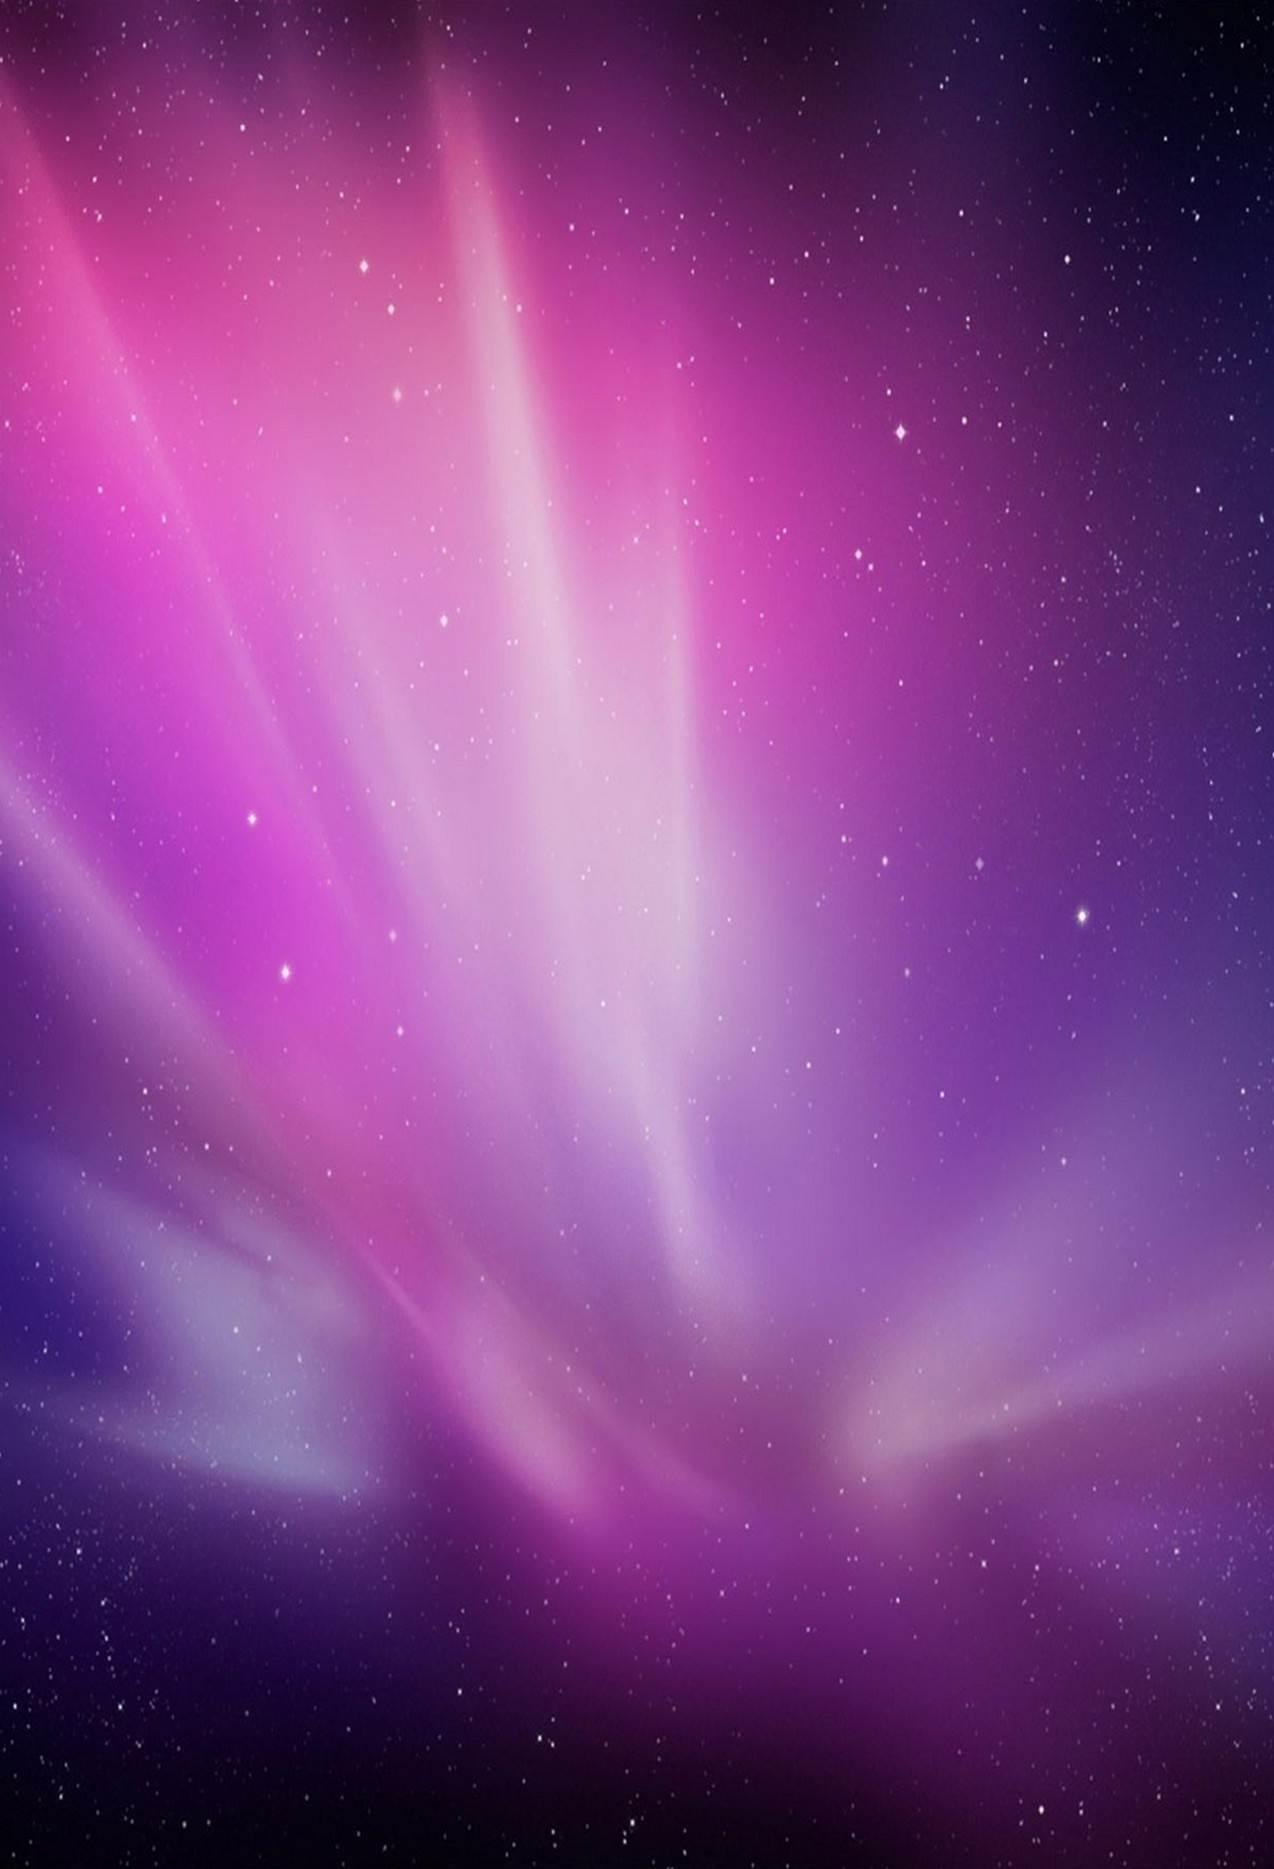 Download 5200 Koleksi Wallpaper Bunga Iphone Hd Gratis Terbaru